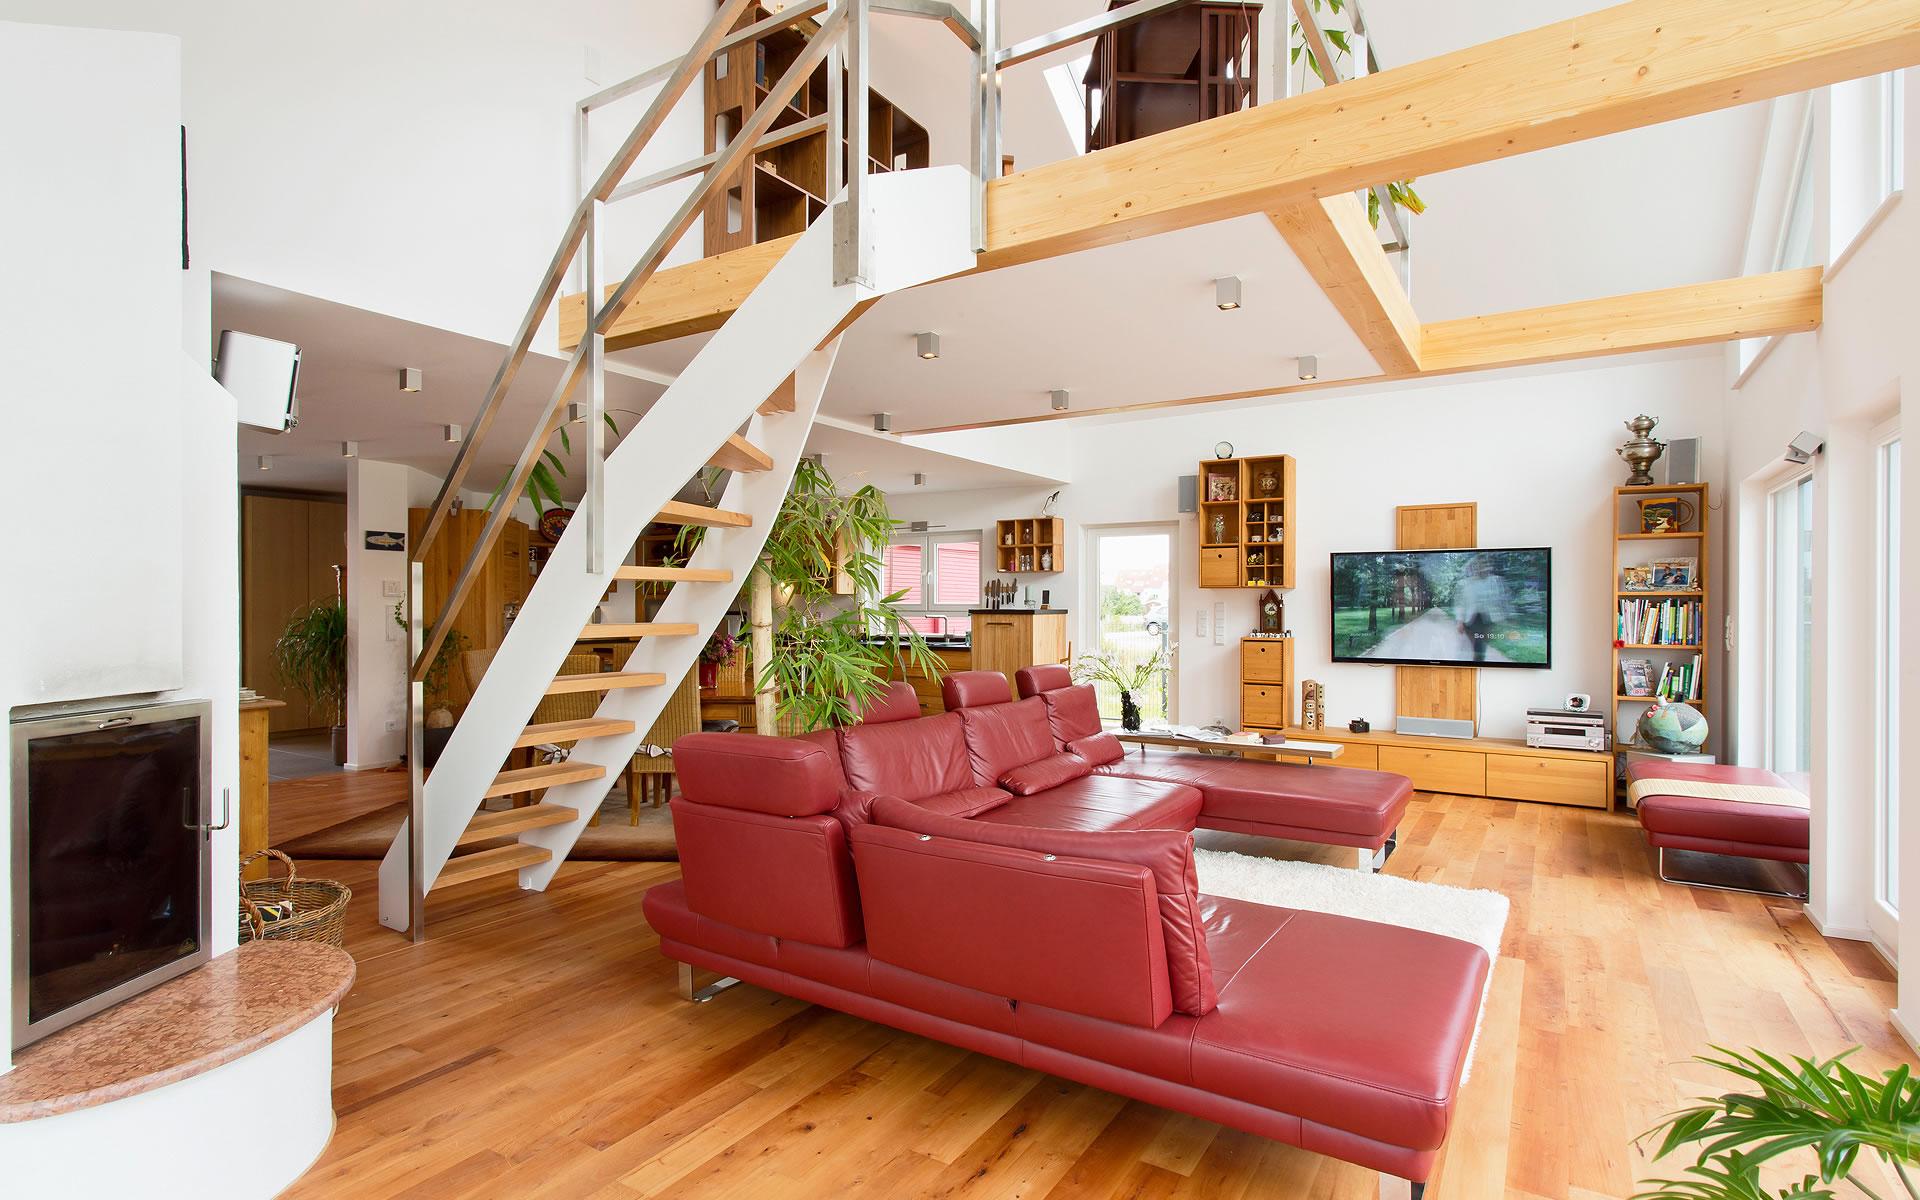 Brilo von Fingerhut Haus GmbH & Co. KG